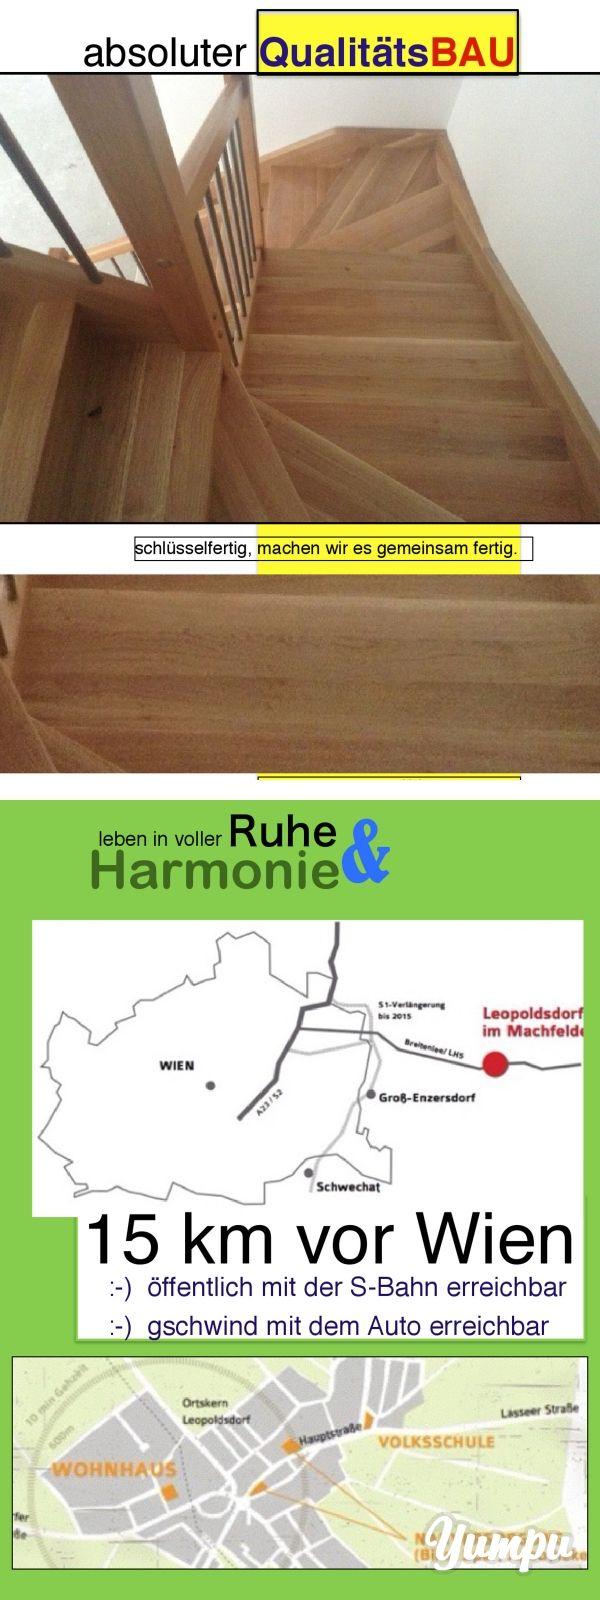 absoluter QualitätsBAU - Magazine with 21 pages: Neubauhaus - einzugsbereit - schlüsselfertig - EUR 269.000 oder belagsfertig 235.000 Euro.  Architektengeplantes Doppelhaus in rundum schöner angenehmer Atmosphäre knappe 15 km von Wien entfernt!  Die Ortschaft heißt Leopoldsdorf im Marchfelde und verspricht angenehmes Wohnen!   Die Wohnnutzfläche (ohne Stiege) beträgt 120 m² !   In der ersten Etage (Erdgeschoss) - gibt es ein offenes, lichtdurchflutetes, großzügiges 38 m2 Wohnzimmer…